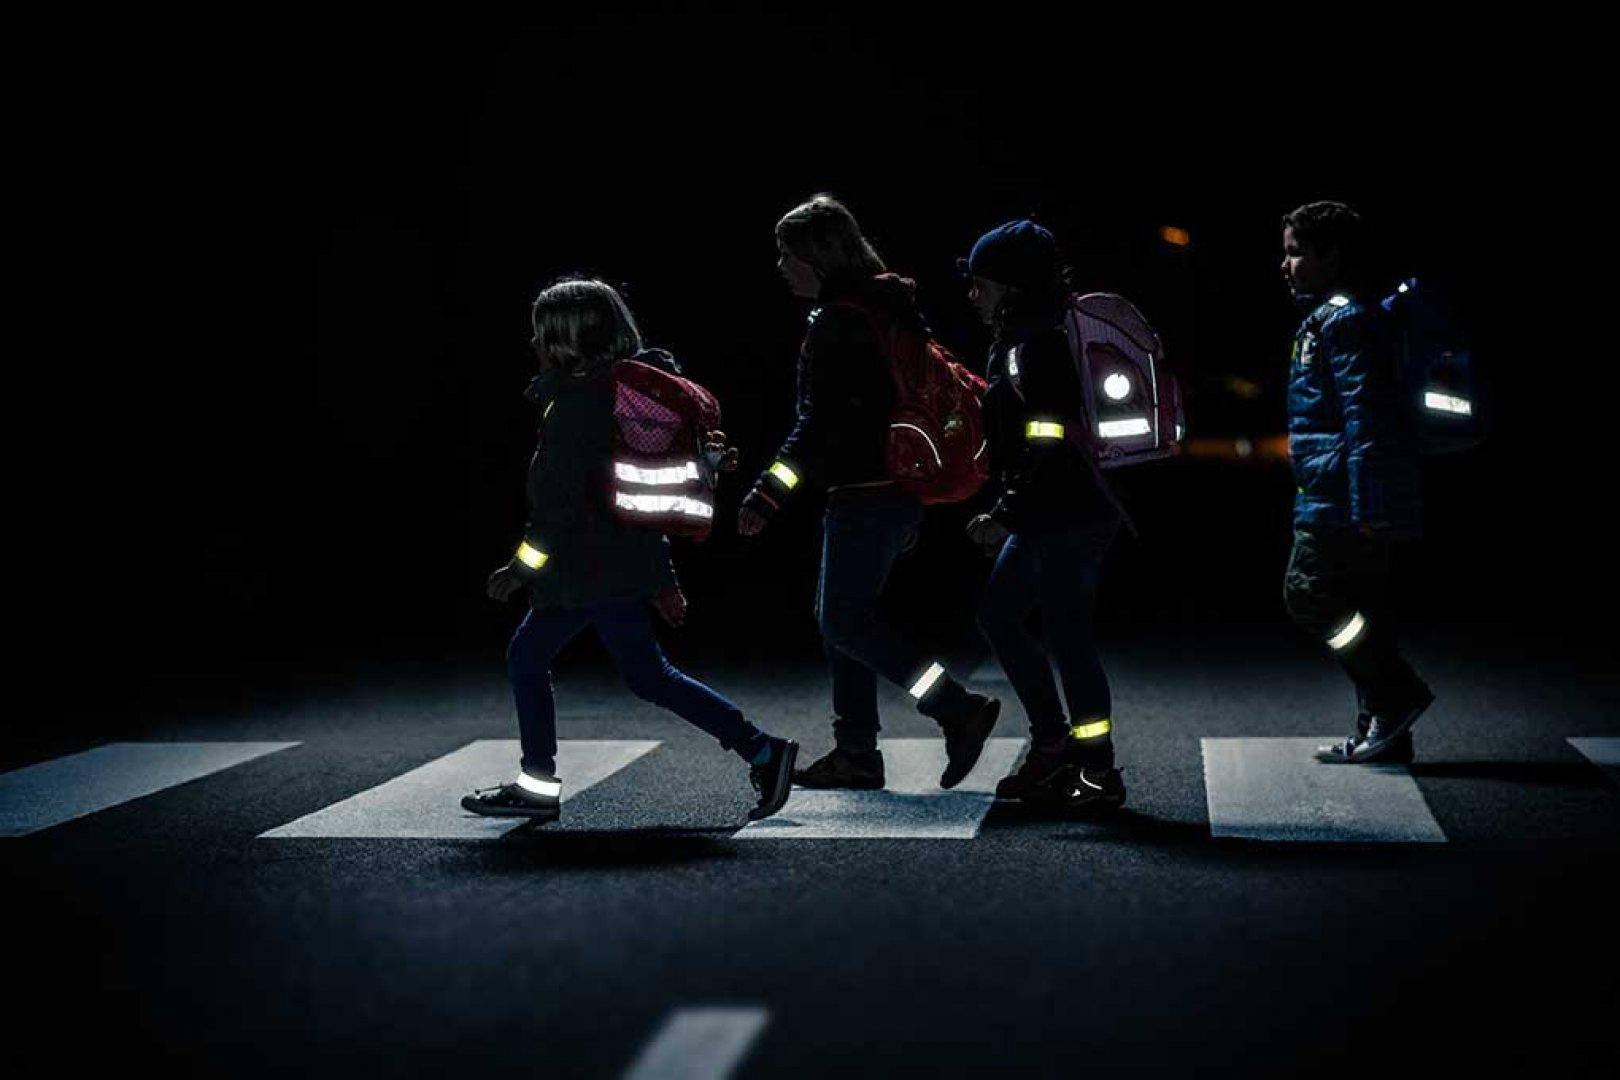 Световозвращающие элементы защищают вашу жизнь и здоровье